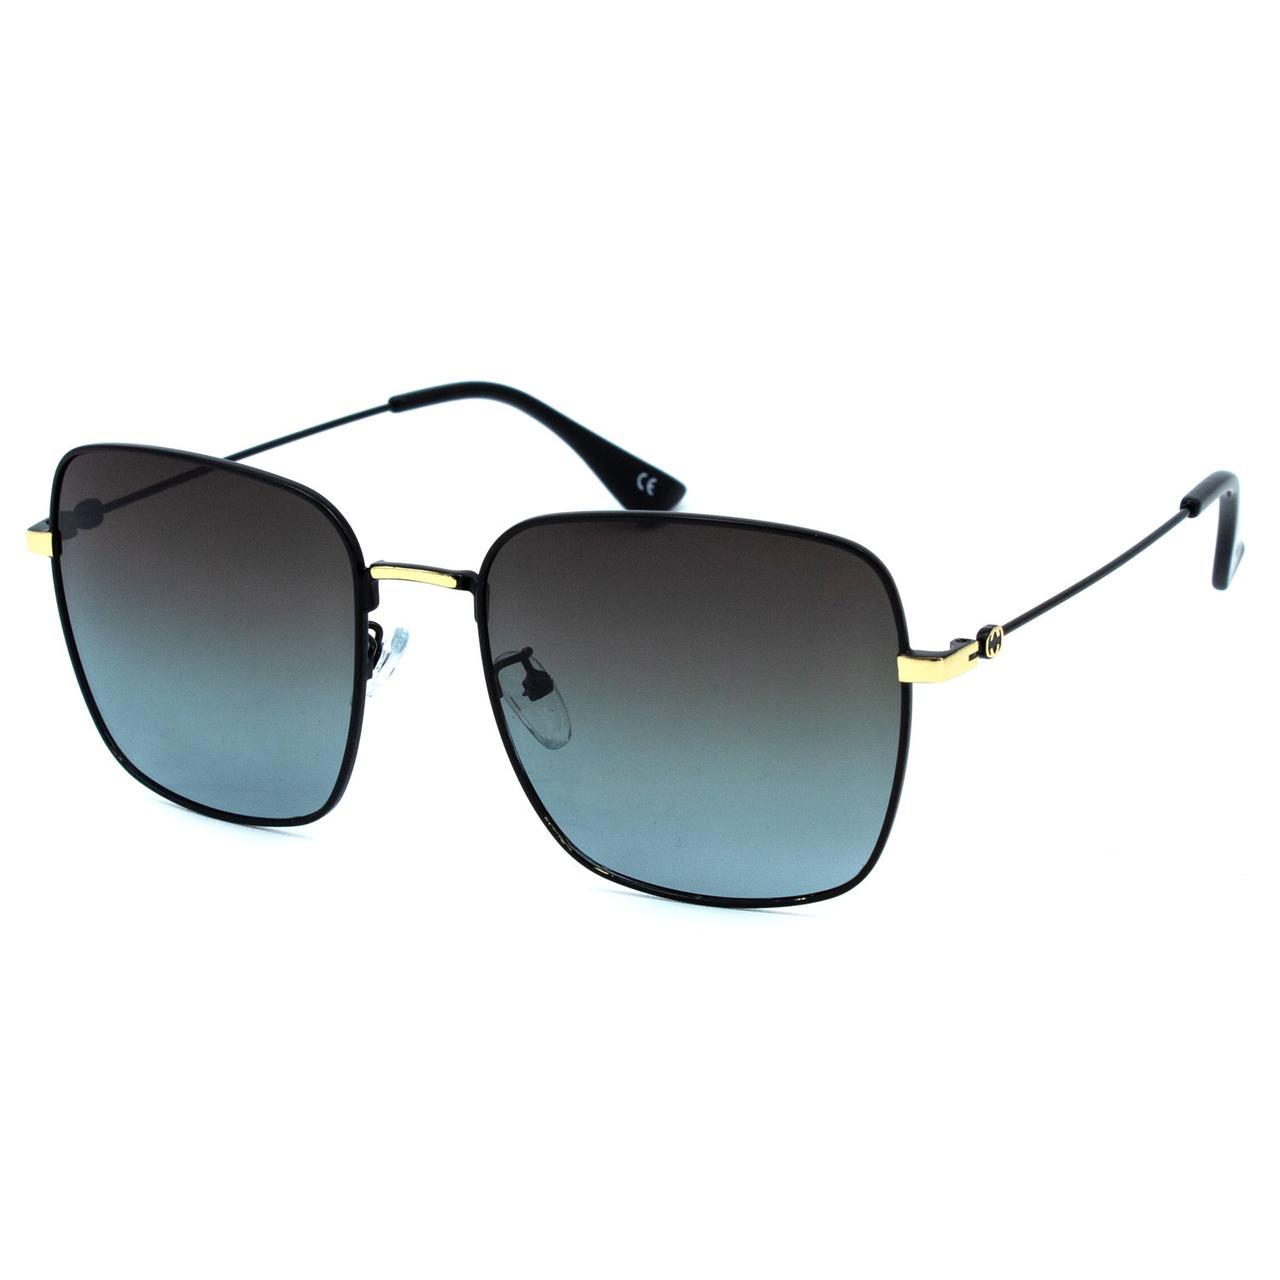 Солнцезащитные очки Marmilen Polar 72005 C3 черные с синим   ( 72005-03 )